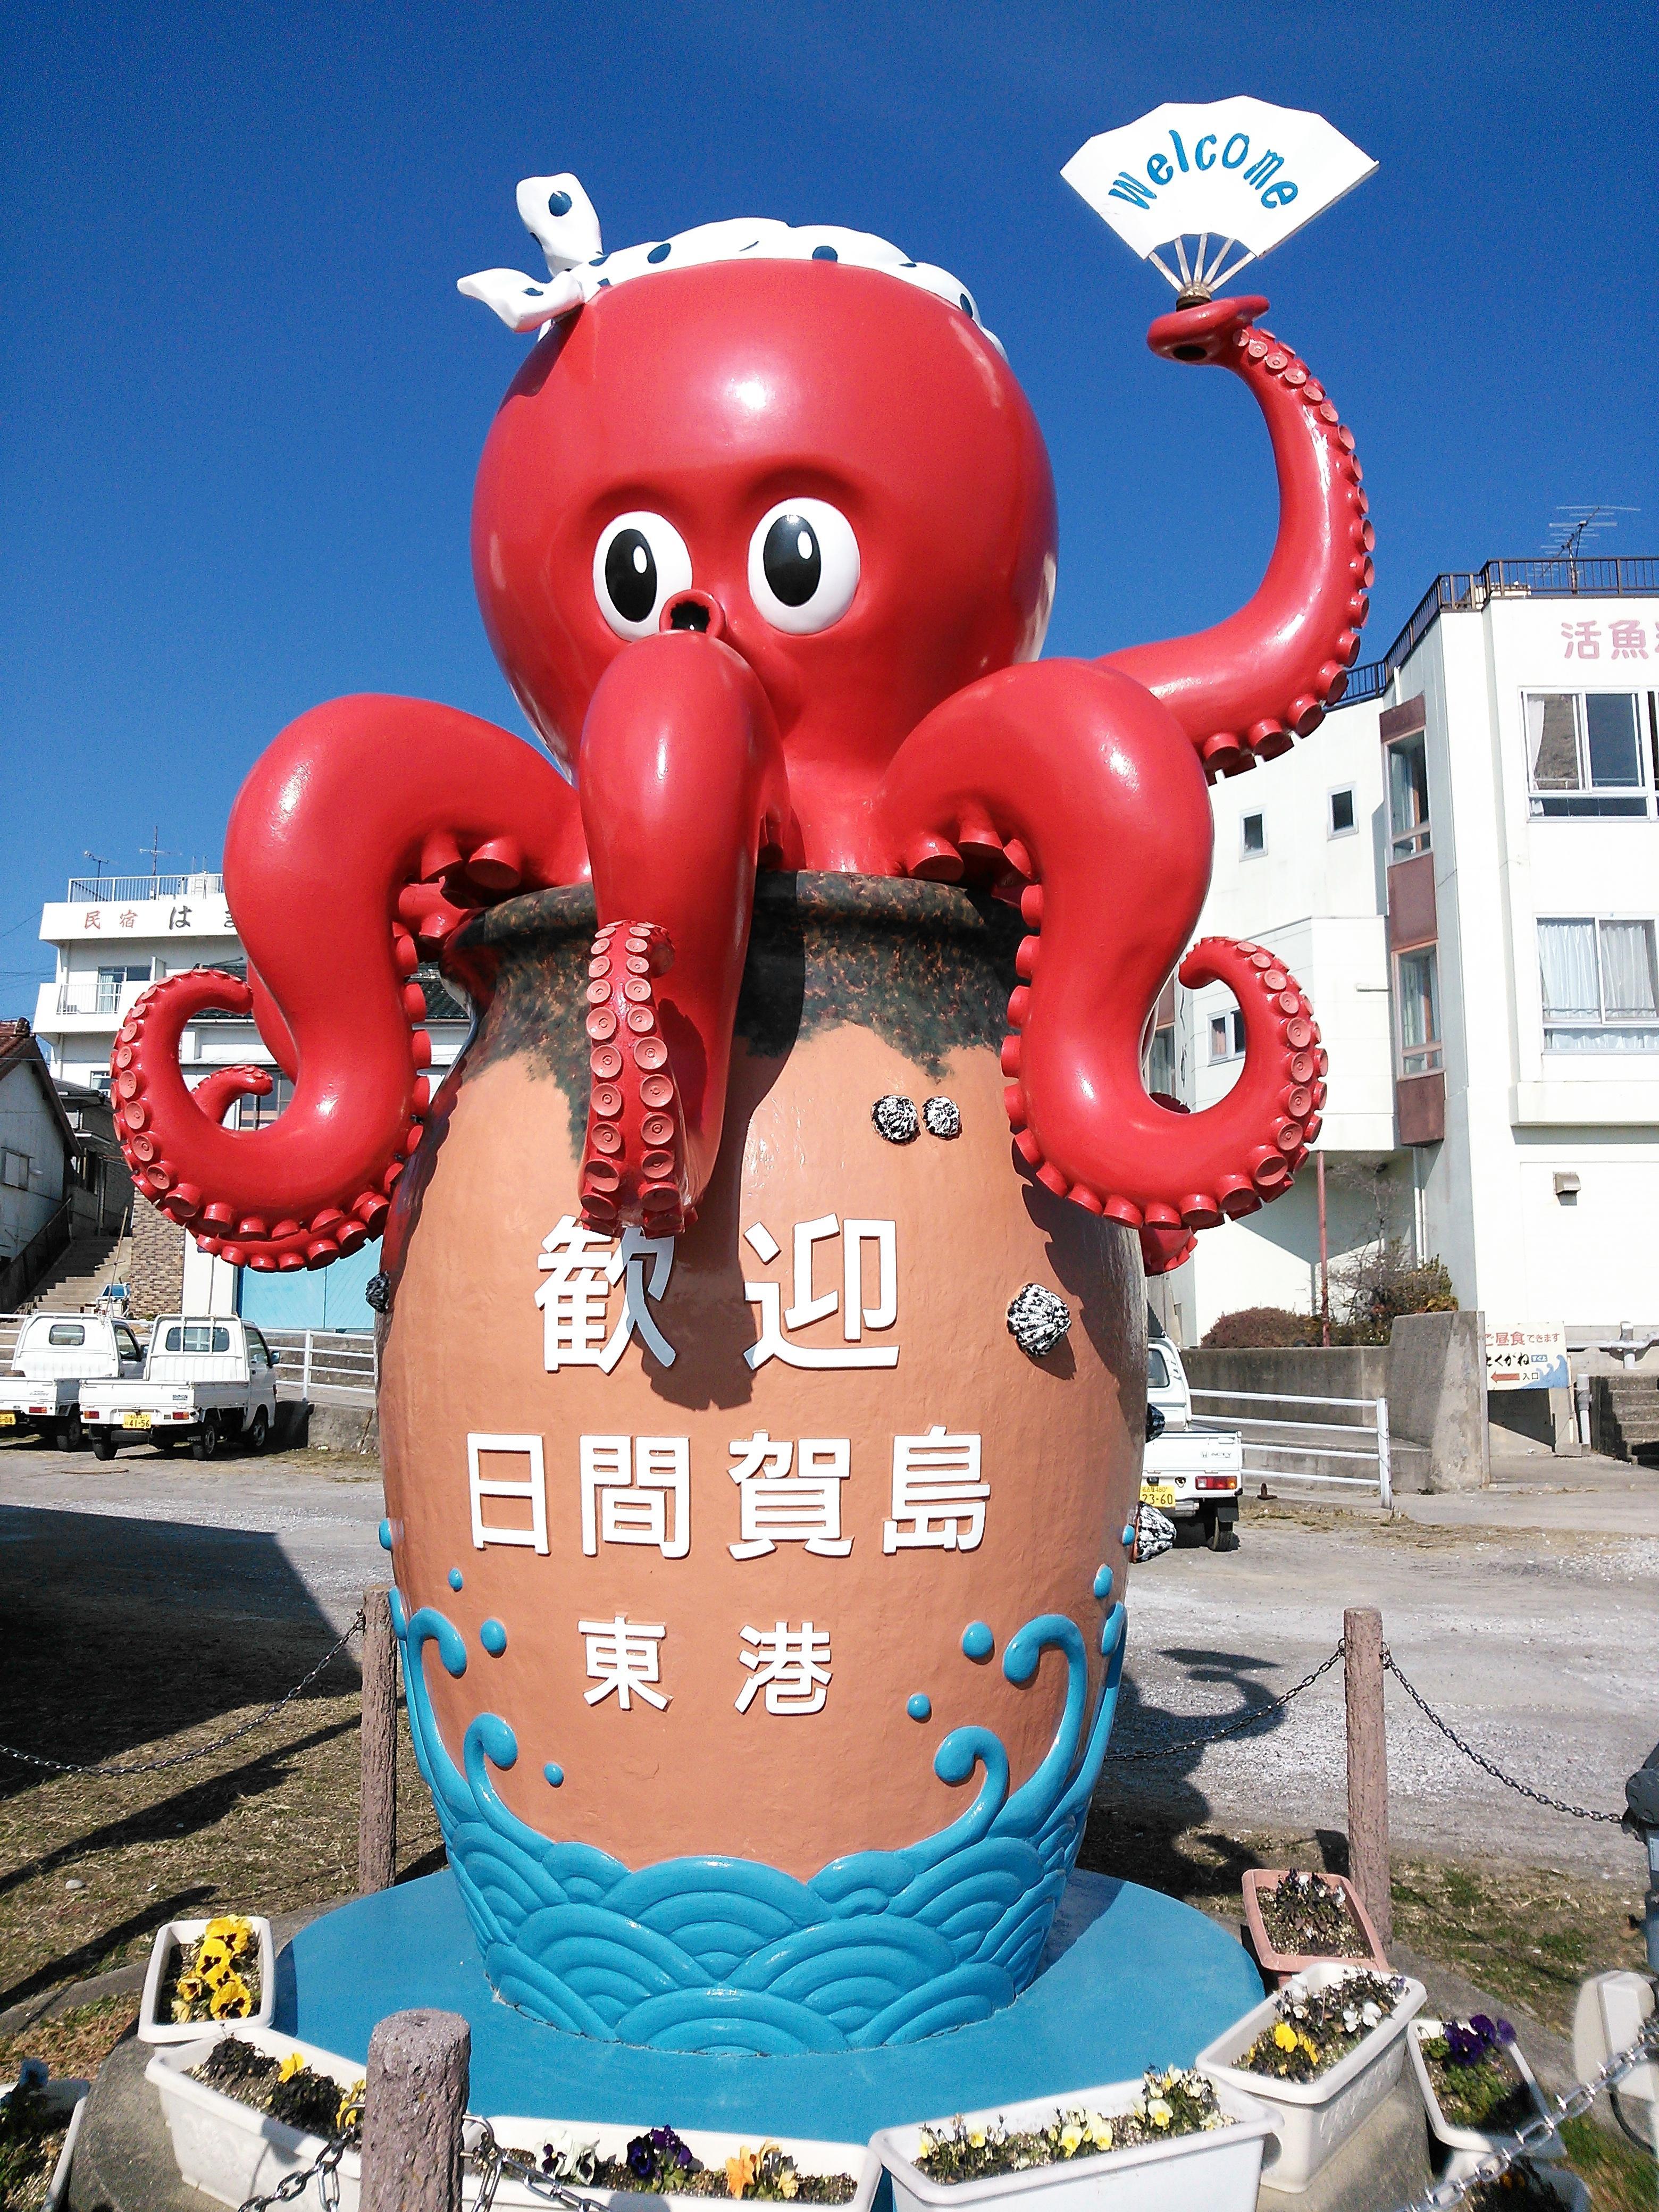 日間賀島は日帰りでも楽しめる!おすすめの観光プランで温泉もランチも満喫!